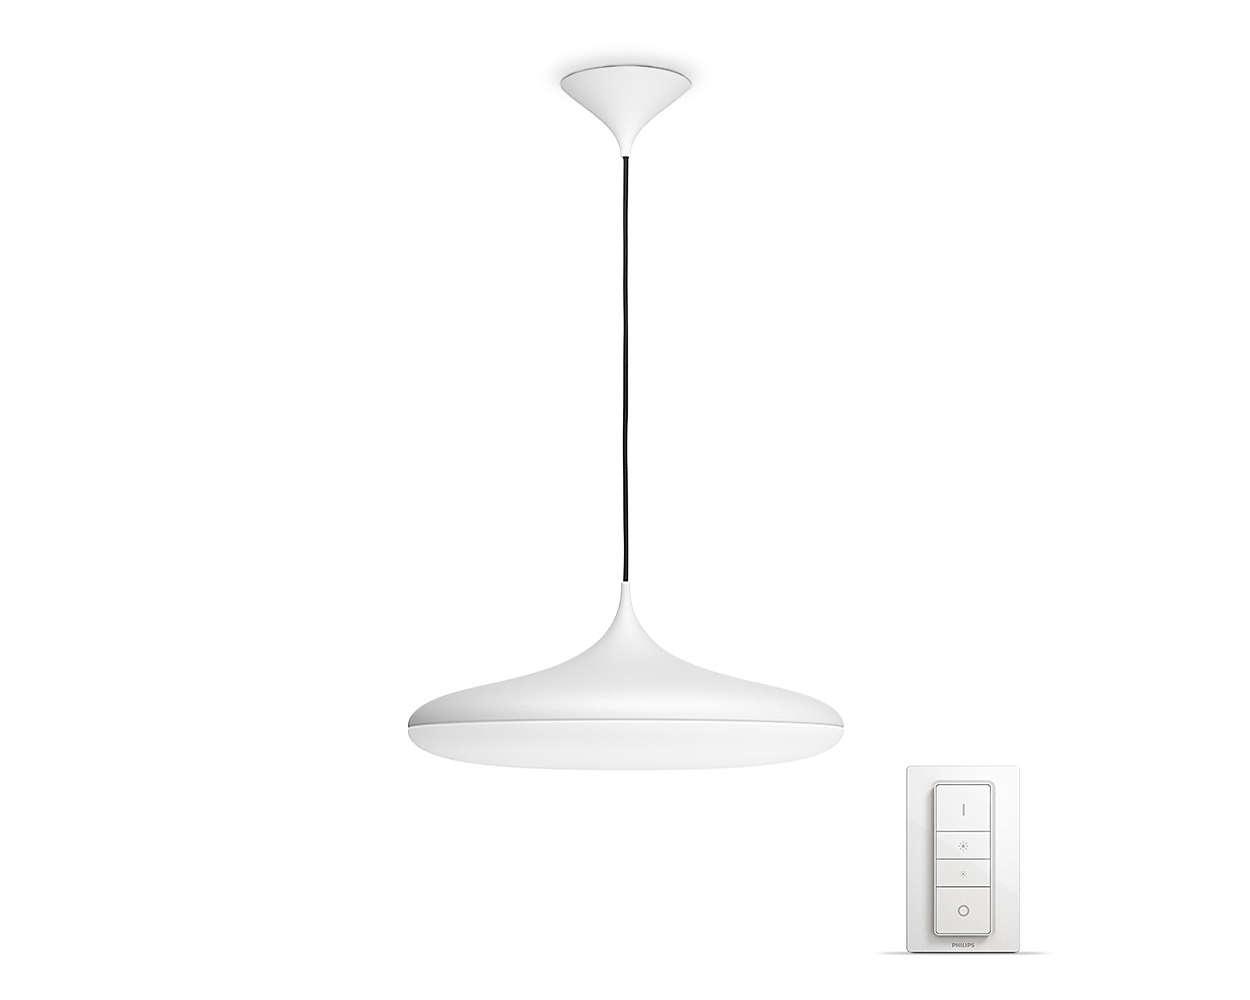 PHILIPS Cher Závěsné svítidlo, Hue White ambiance, 230V, 1x39W integ.LED, Bílá